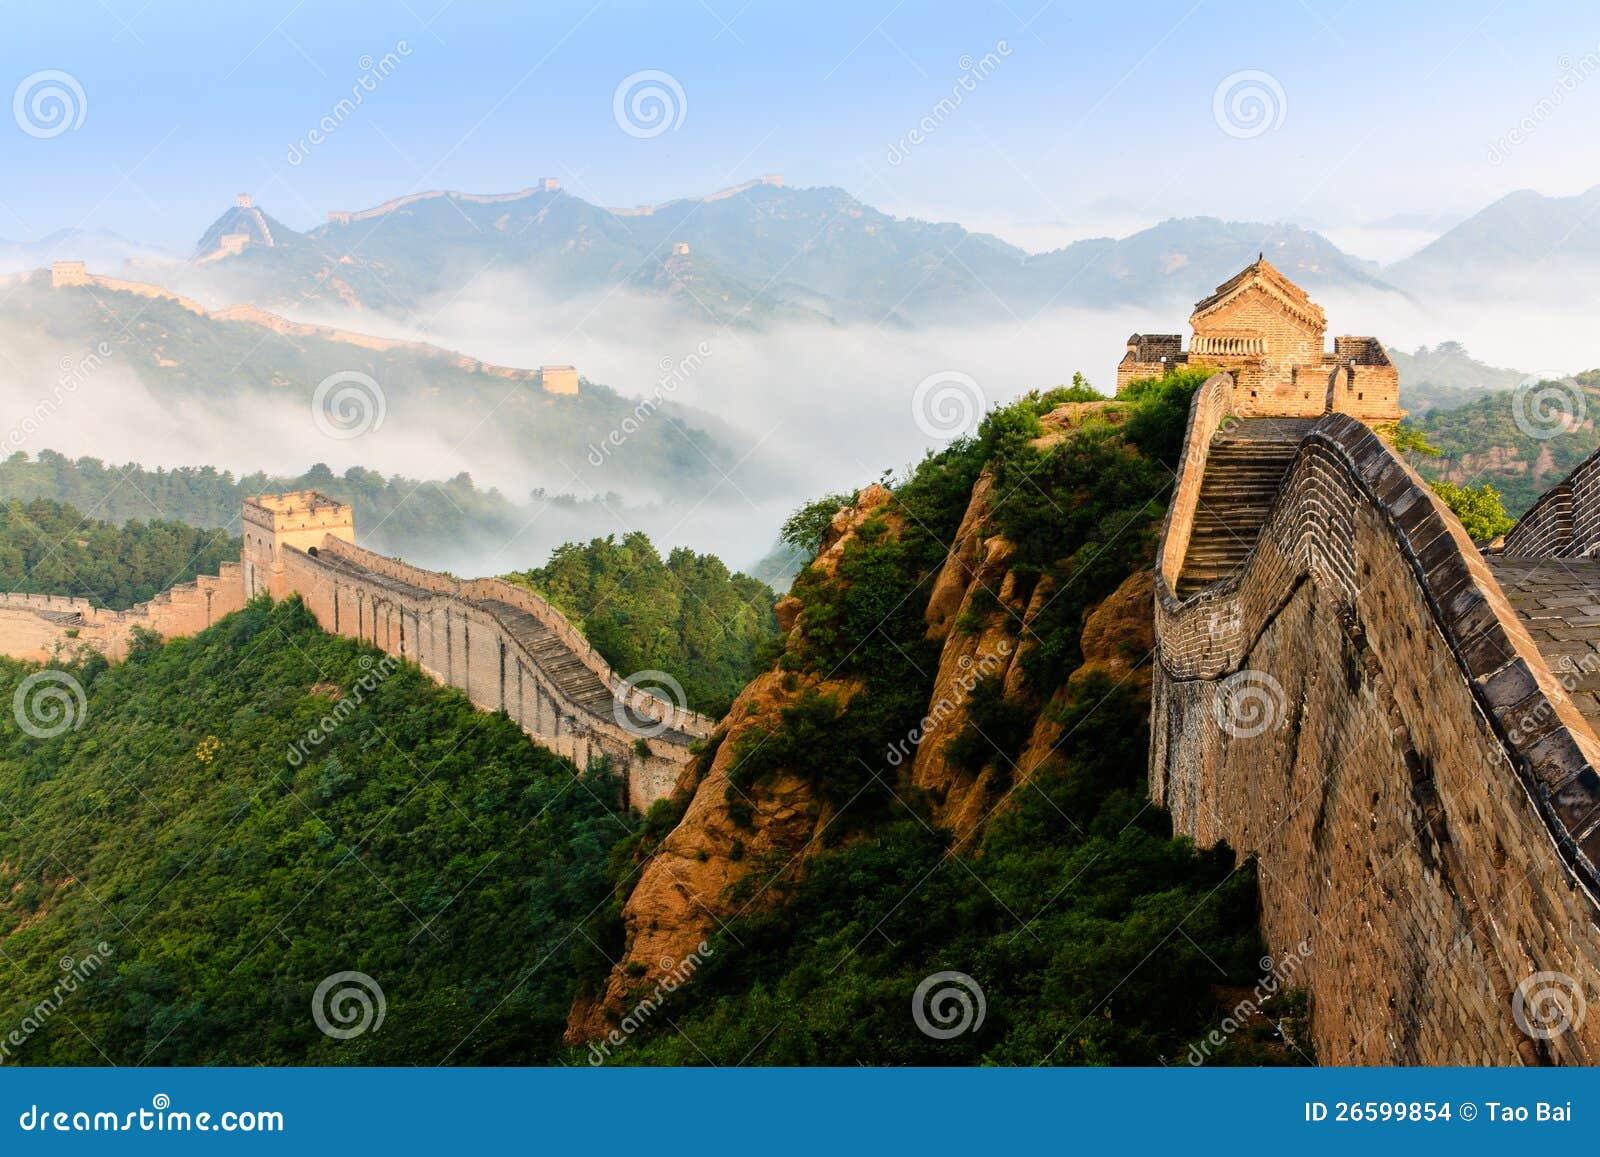 Nascer do sol sob a majestade do Grande Muralha